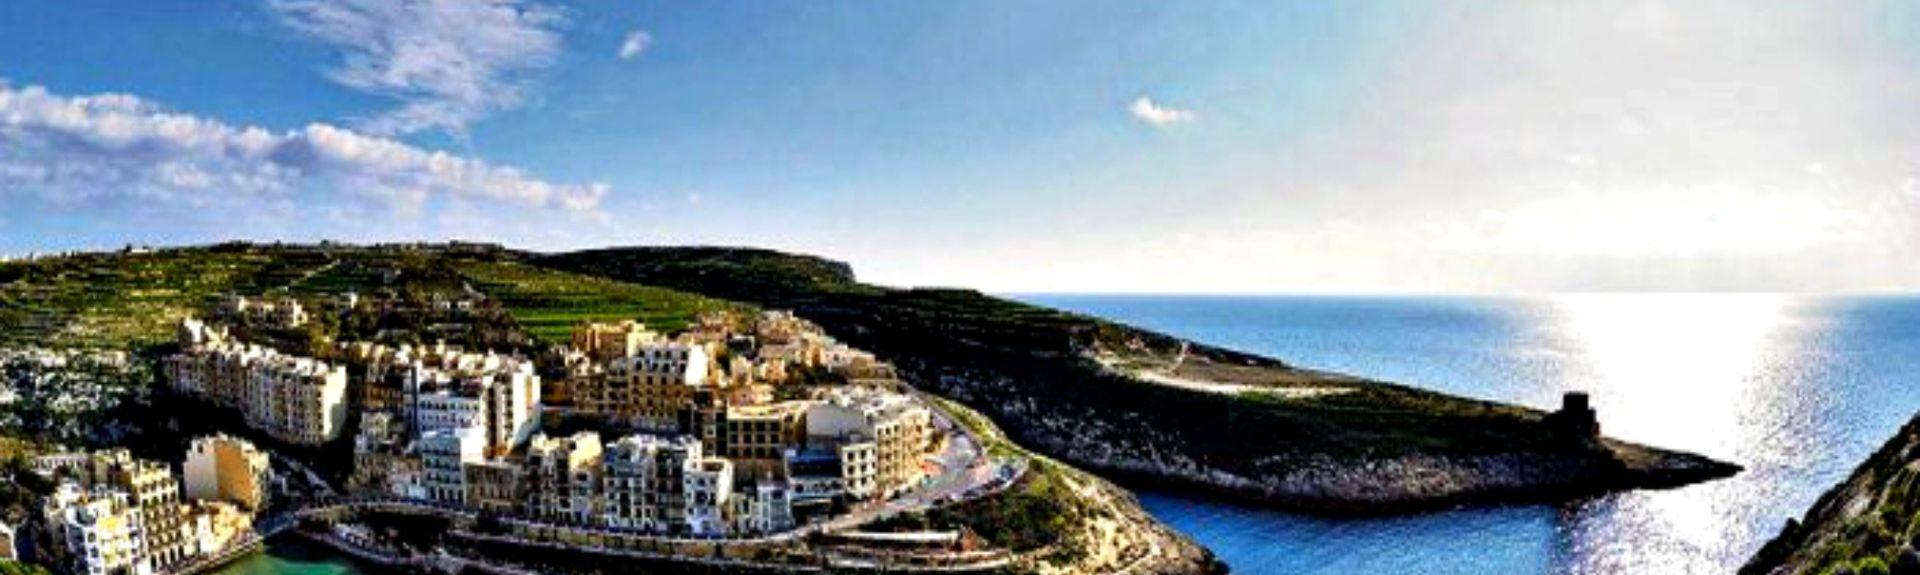 Victoria, Malte